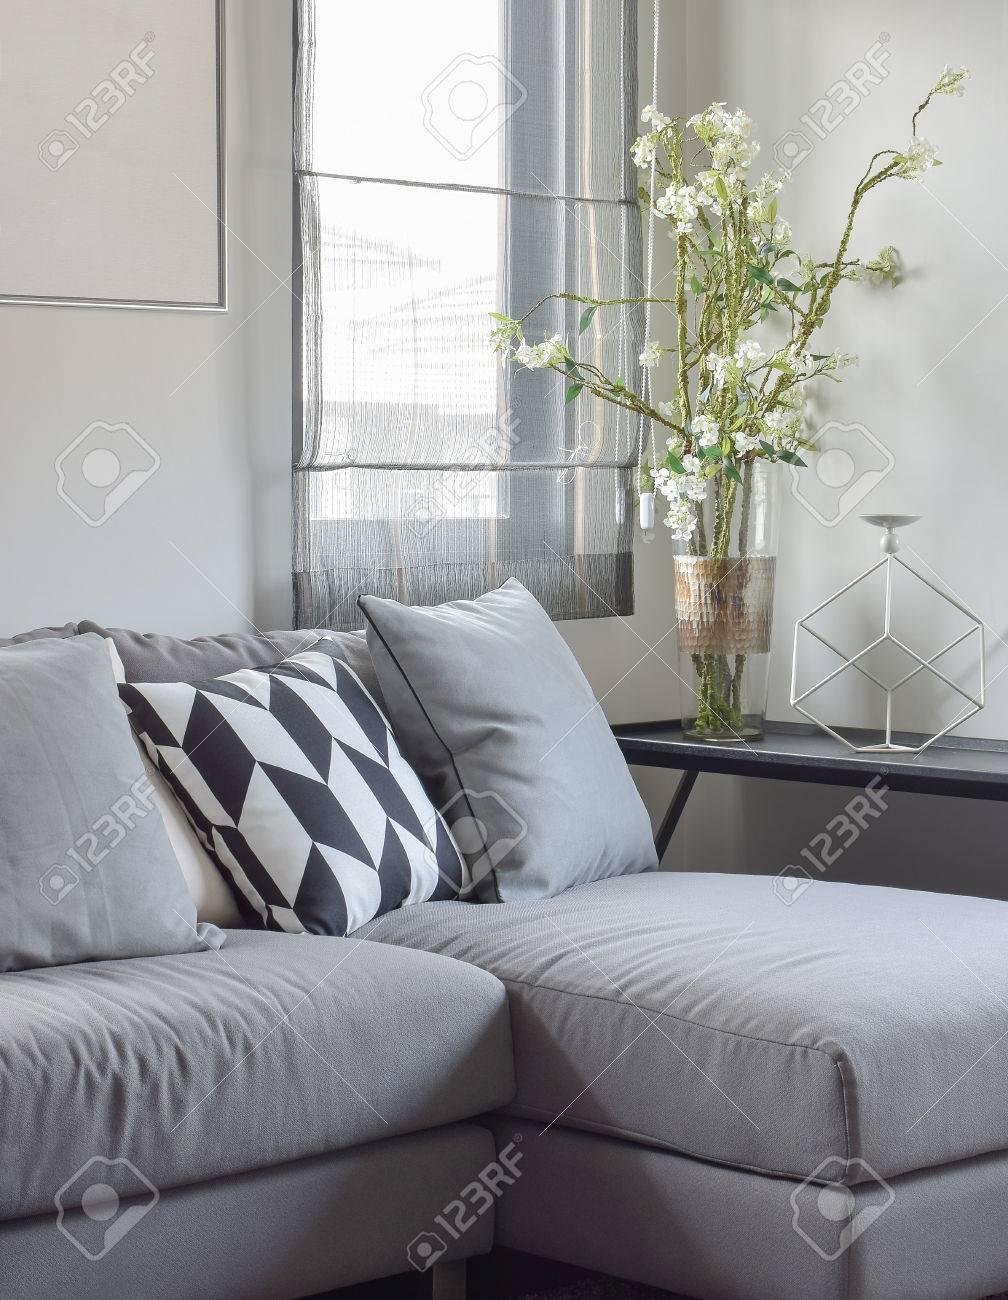 Parallelogramm Musterkissen Und Graue Kissen Auf Grauem Sofa Zu